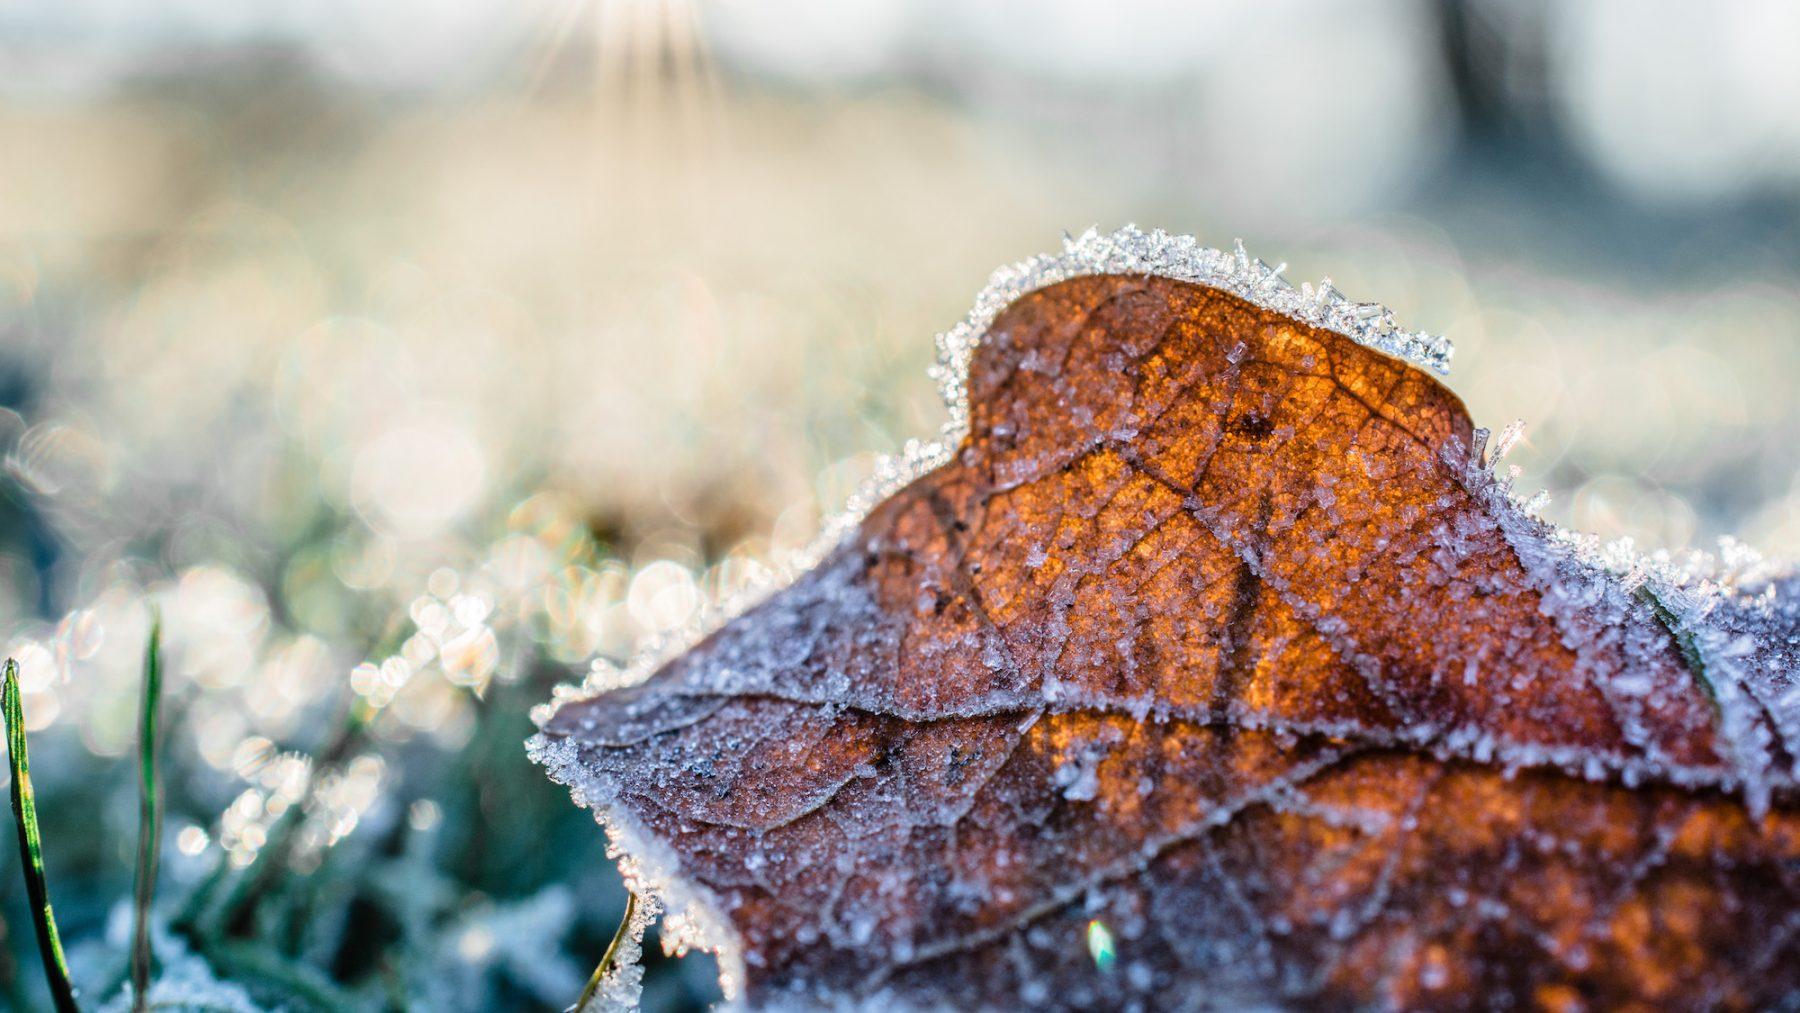 vorst najaar twente gemeten koud winter najaar herfst